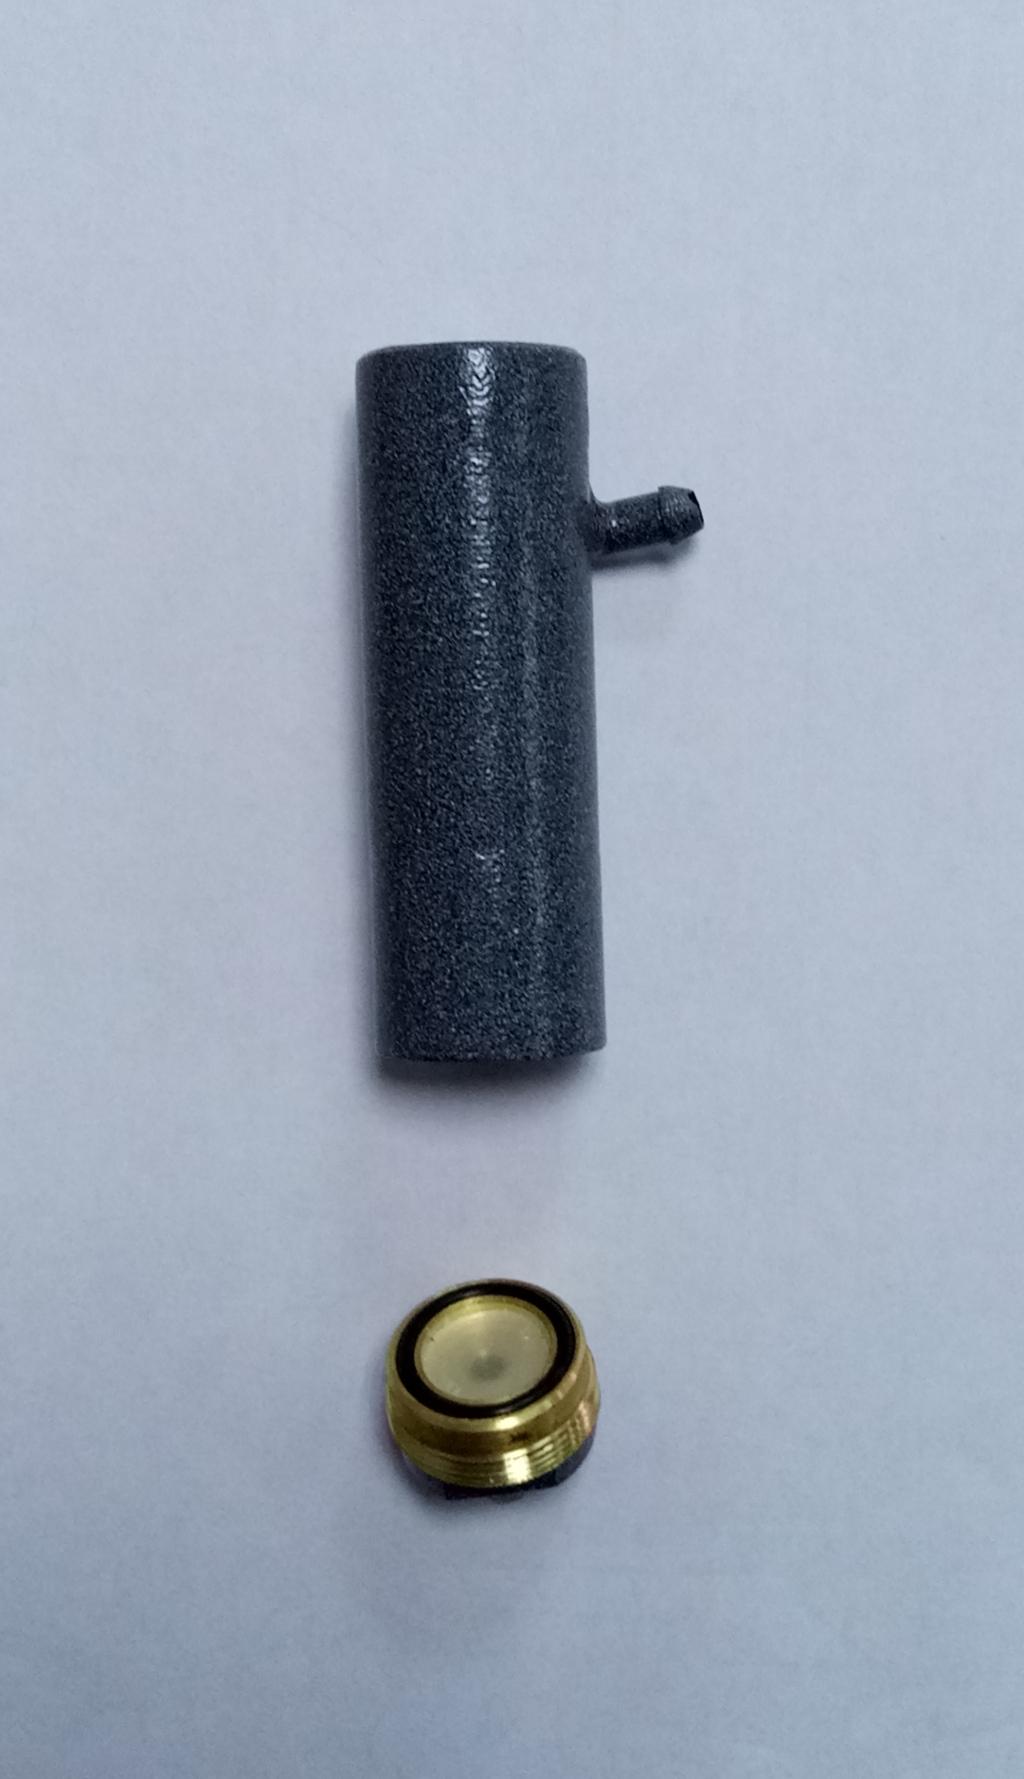 масловозвратное устройство в разобранном виде